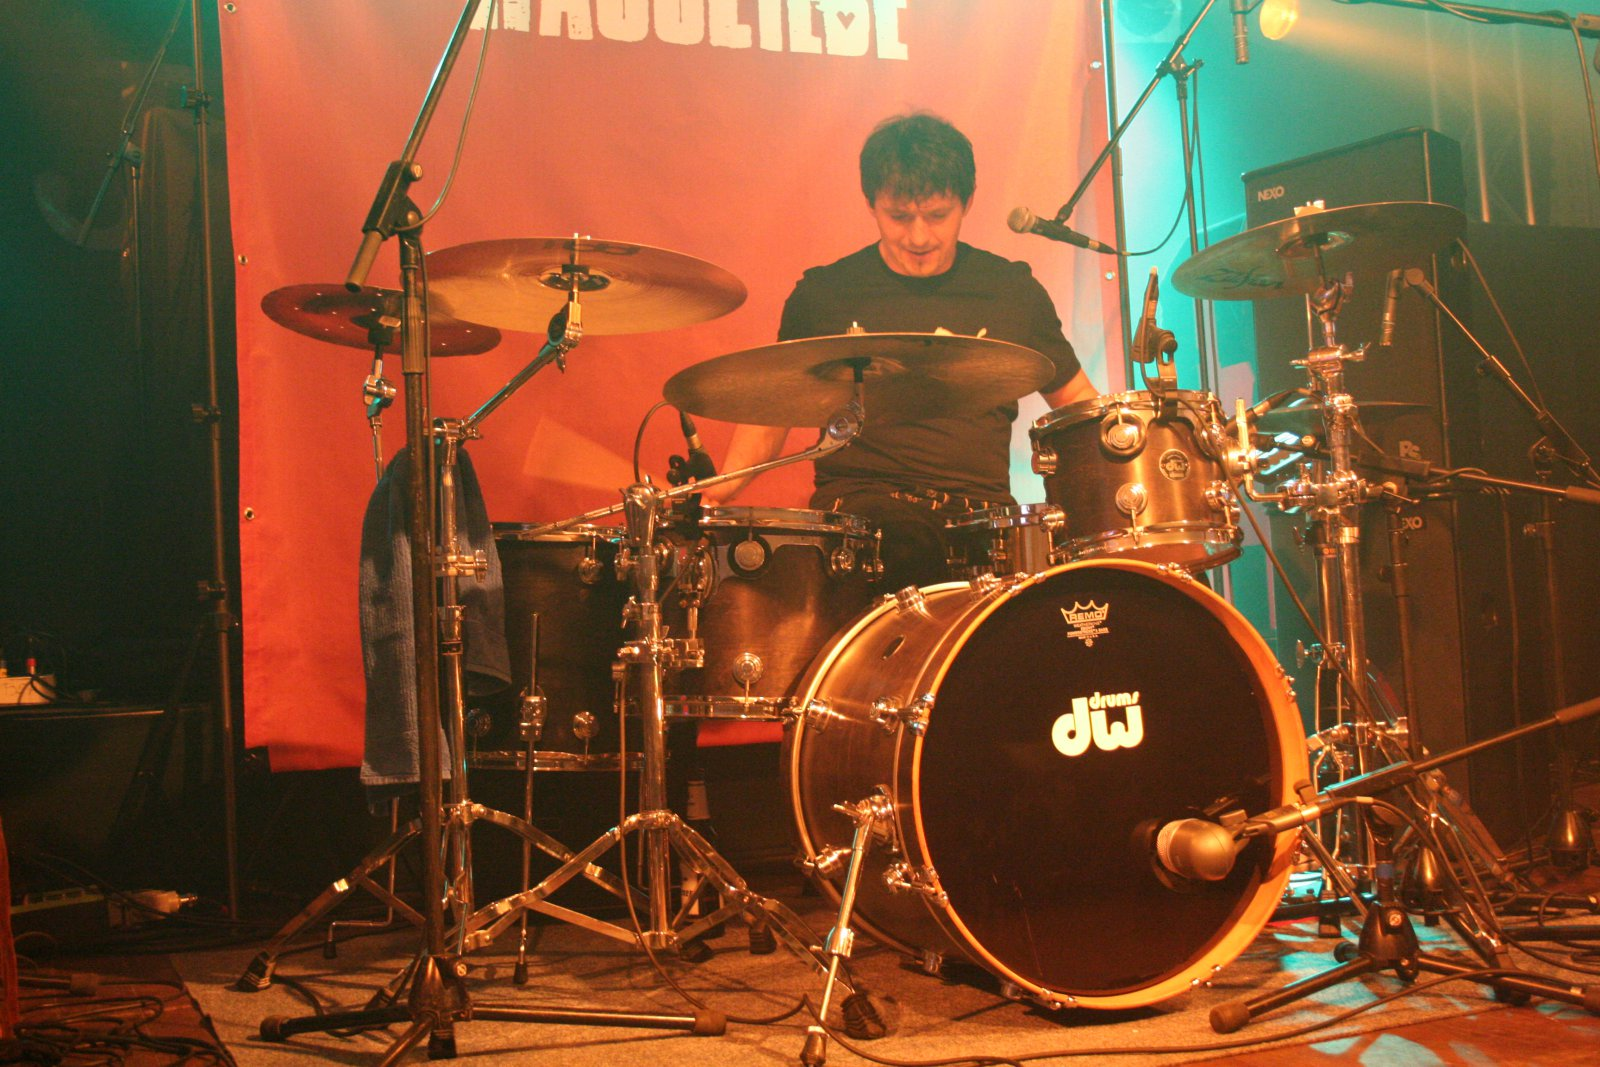 Hassliebe - Lennestadt Sauerlandhalle, 15.05.2010 - Foto von Andrea Jaeckel-Dobschat - 019